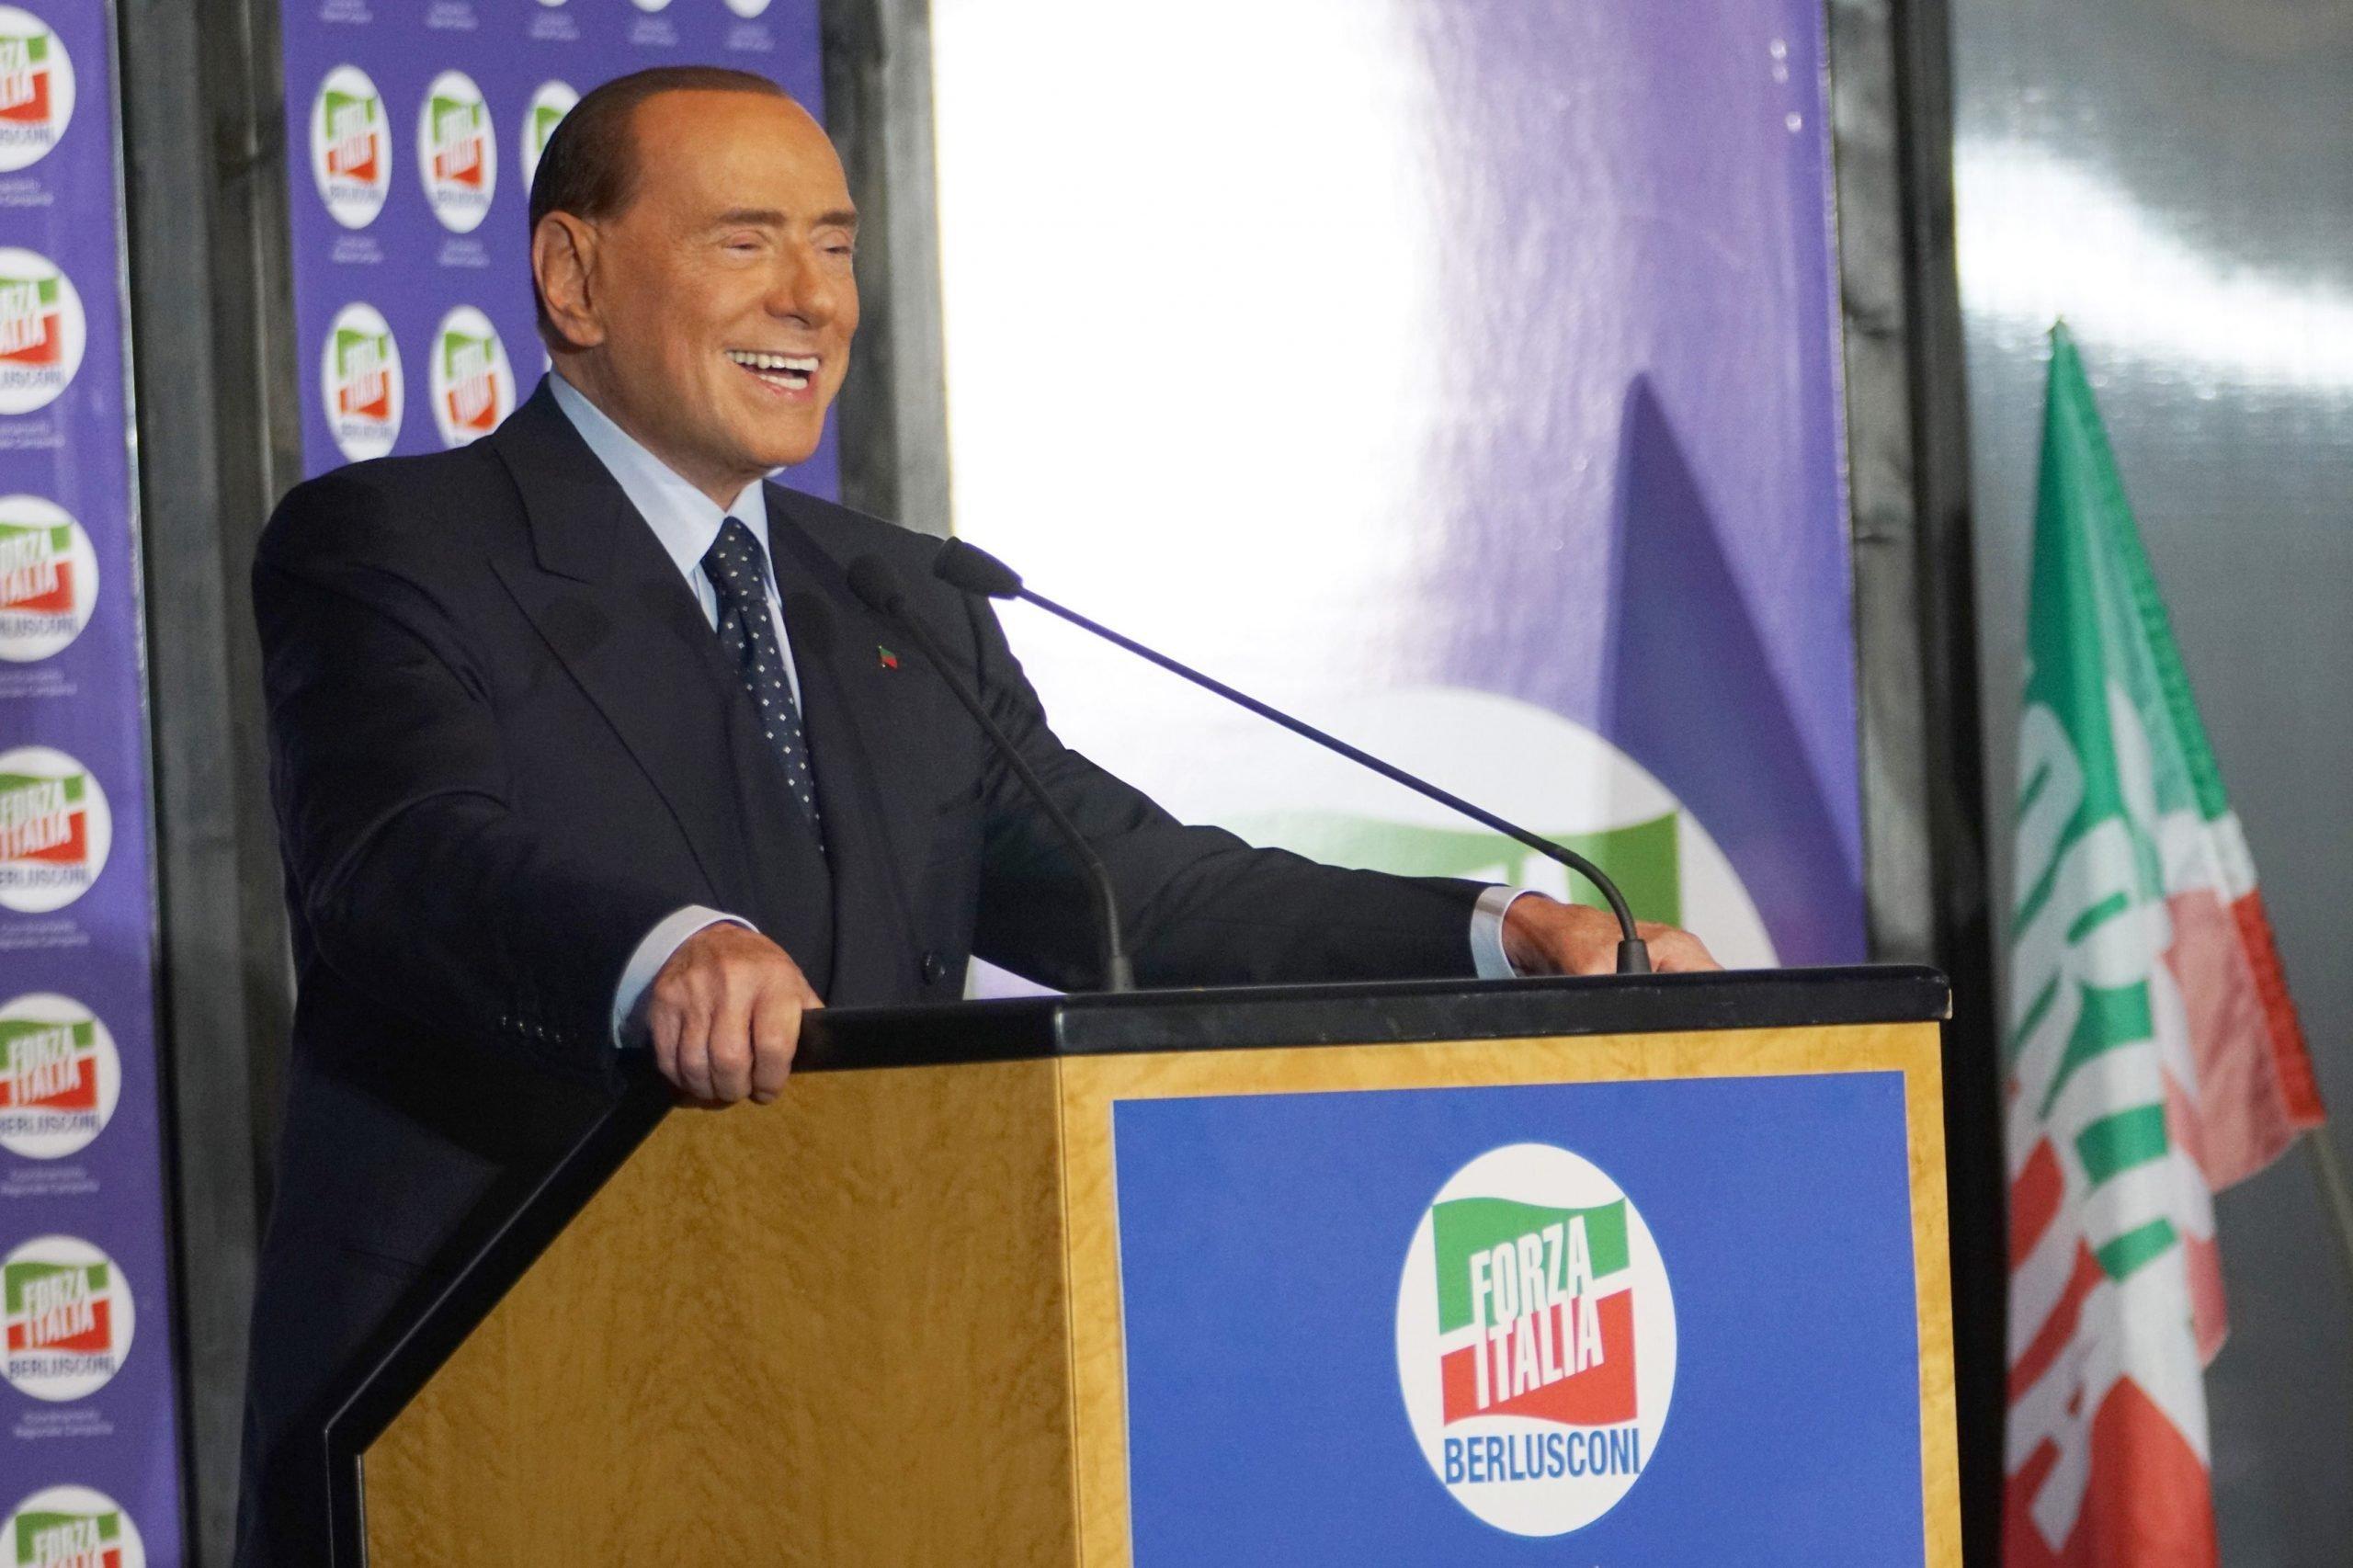 Berlusconi: Restituiamo a Forza Italia la forza delle origini